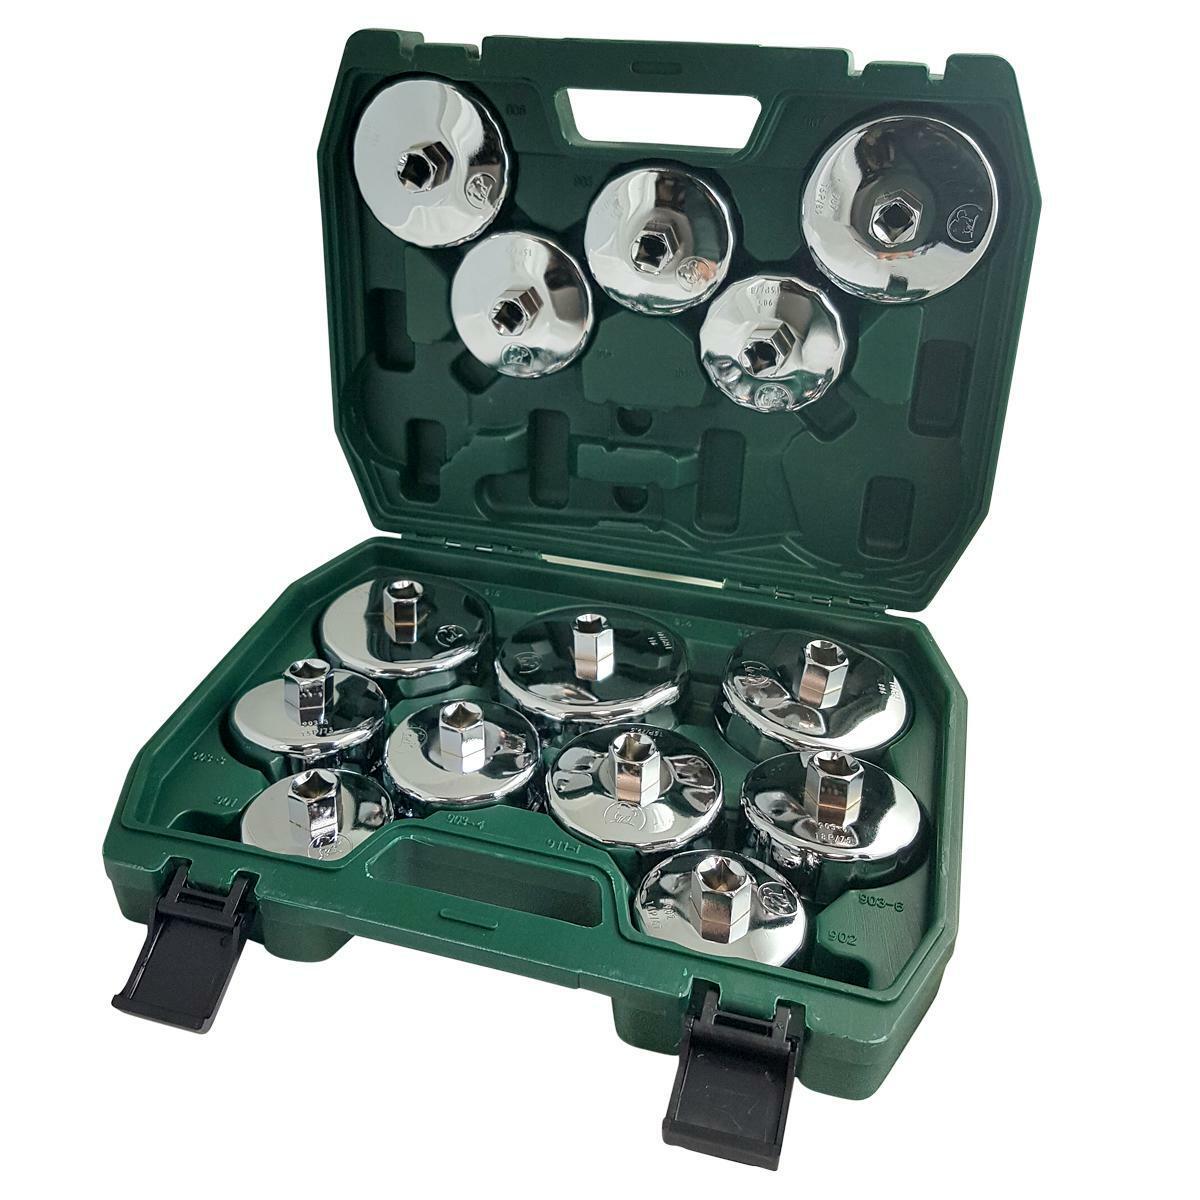 oxford chiavi in serie professionali per filtri olio attacco 3/8 15 pz